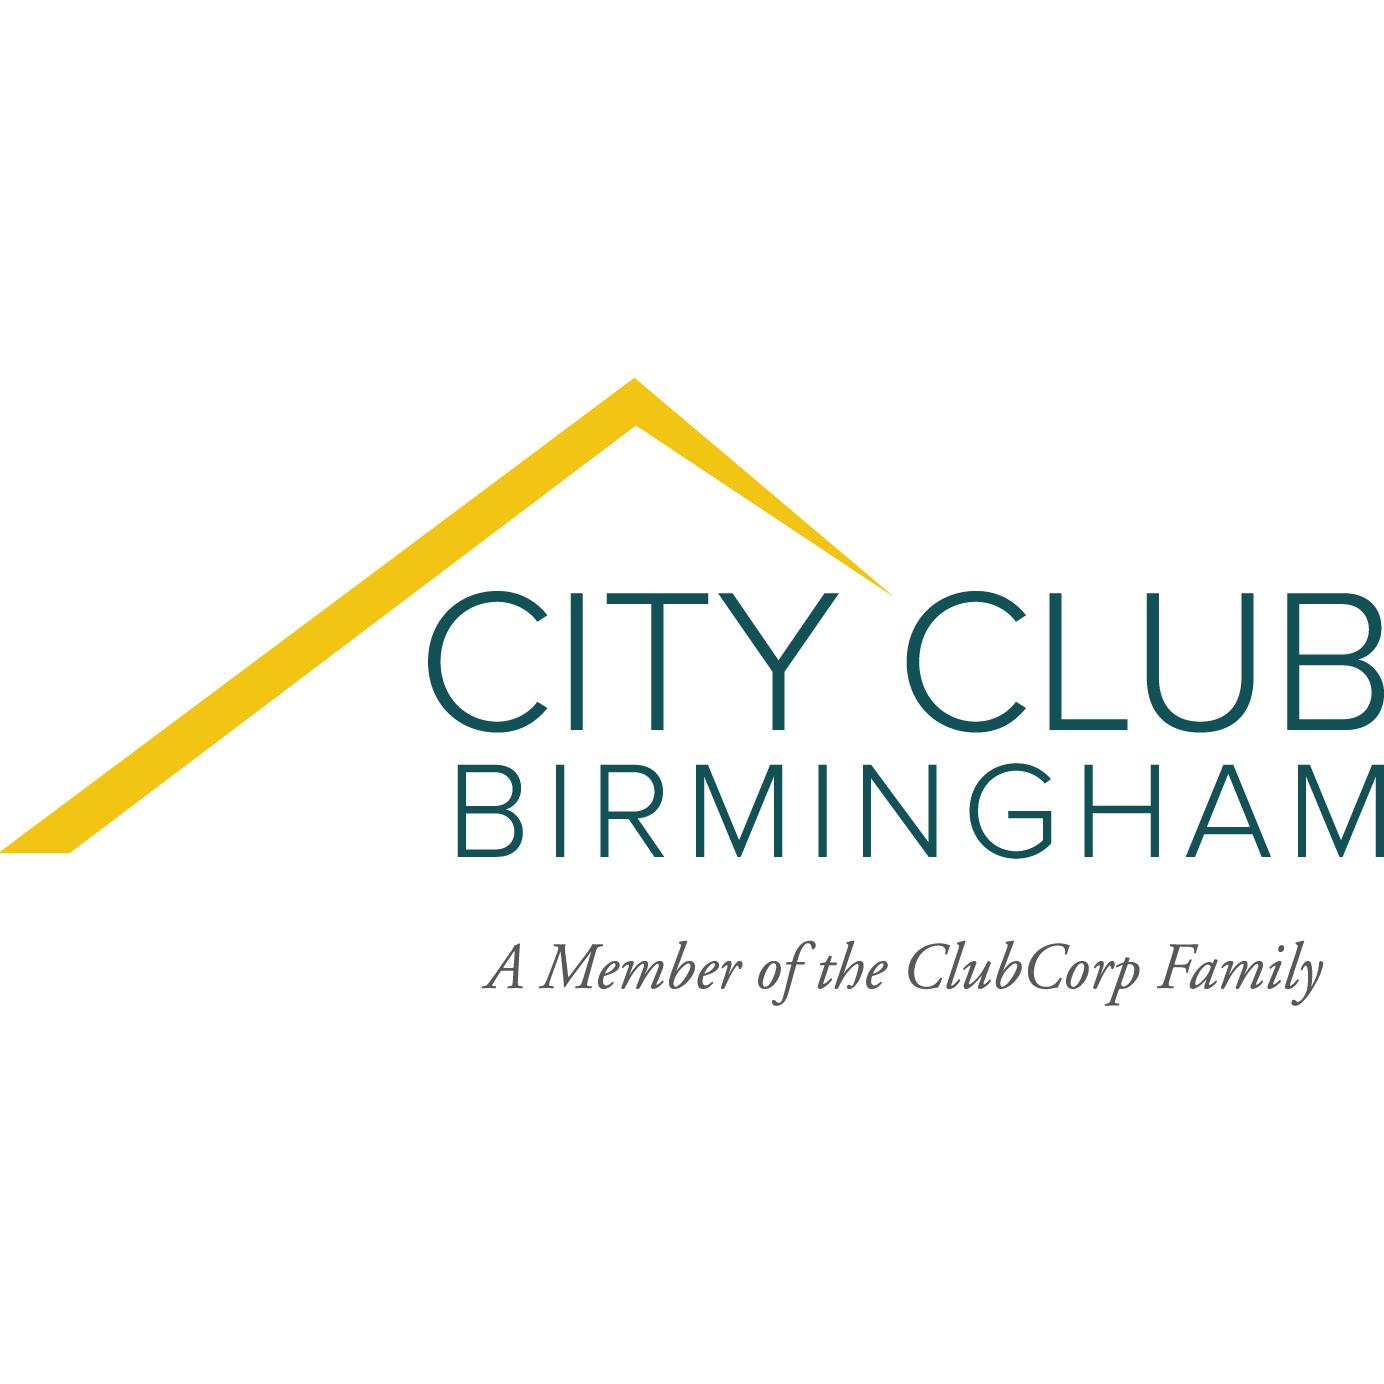 City Club Birmingham